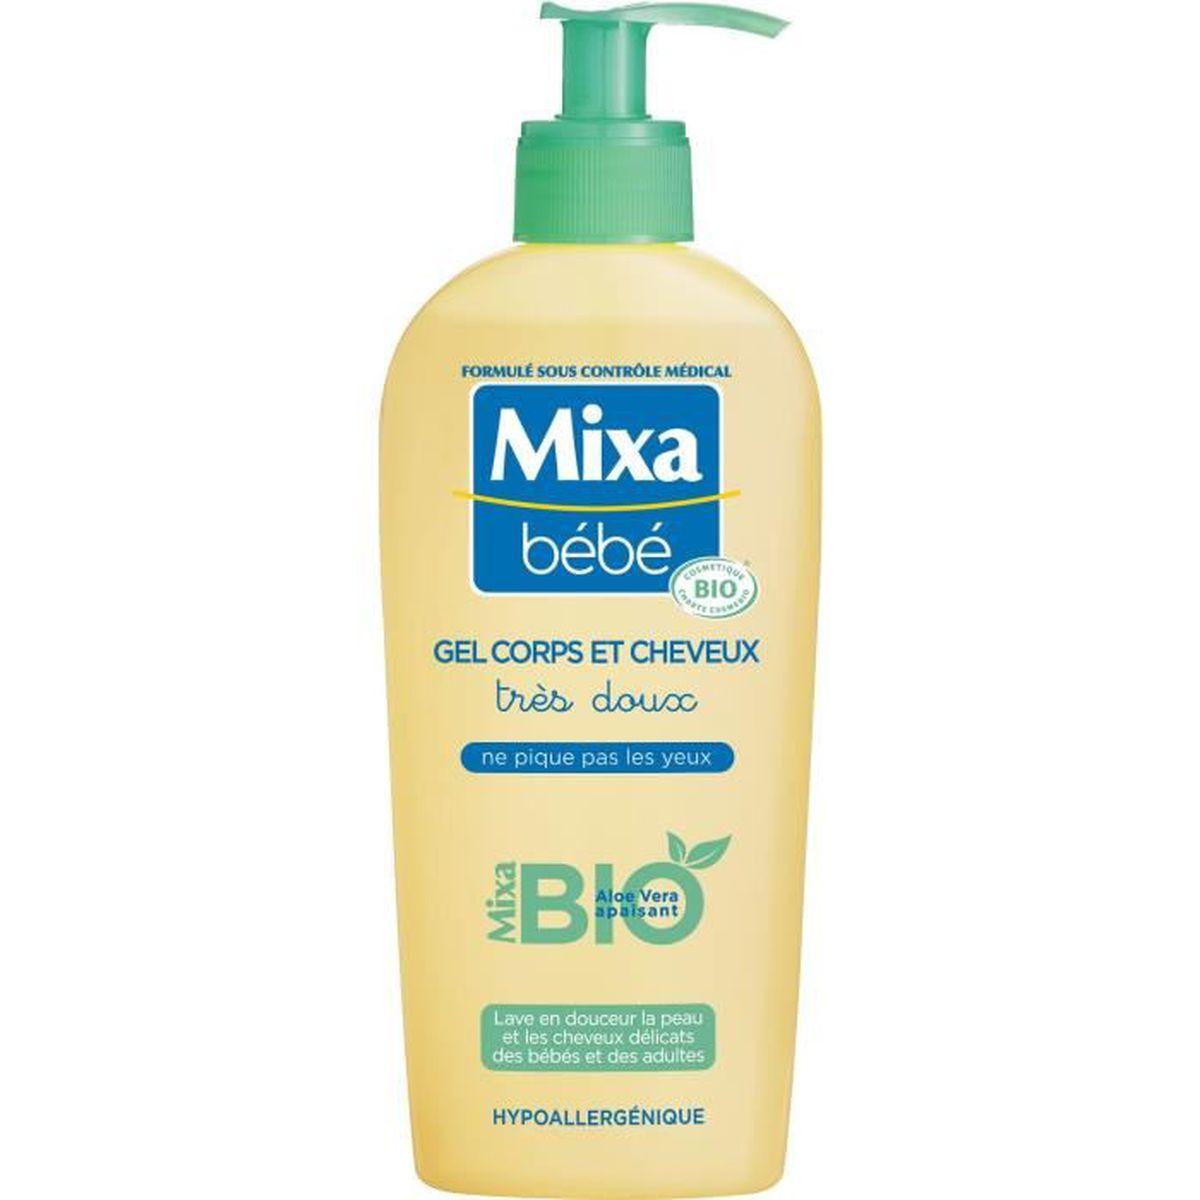 SAVON - SHAMPOING BÉBÉ MIXA Bébé Gel Corps et Cheveux Bio 250ml (x1)